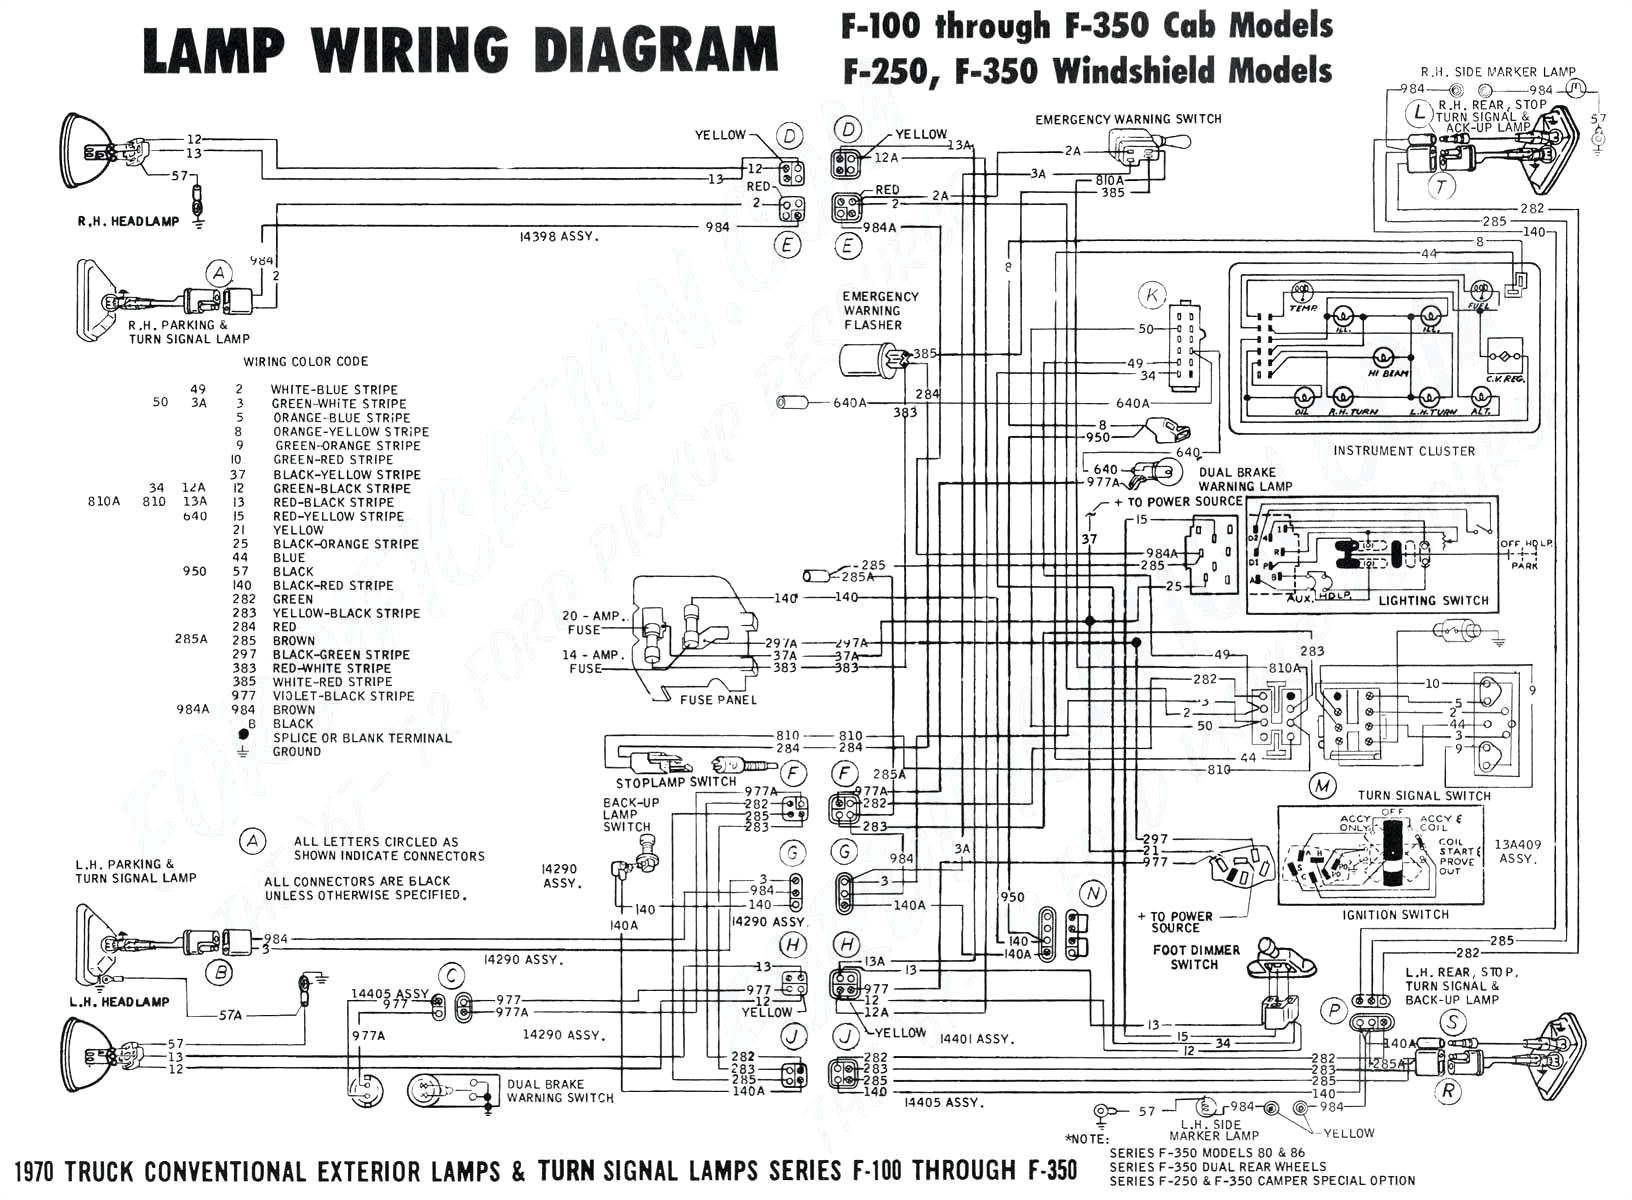 1990 bmw 535i relay diagram likewise bmw fuel pump relay location control module diagram likewise 2002 gmc yukon denali fuse diagram